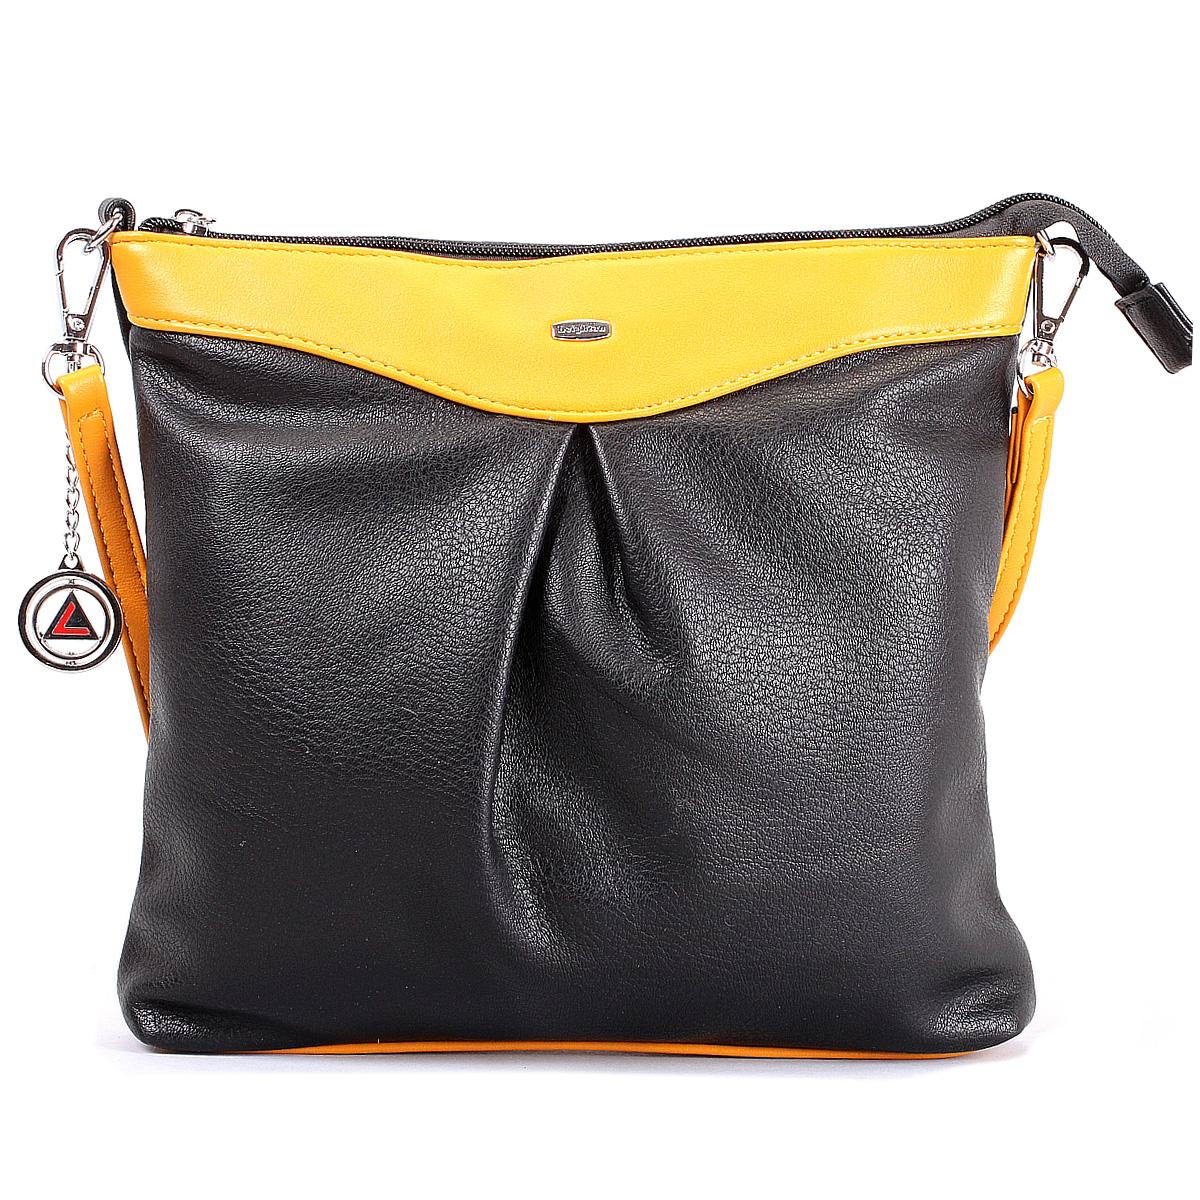 Сумка женская Leighton, цвет: черный, желтый. 570428-149/1/1166/805570428-149/1/1166/805Оригинальная женская сумка Leighton выполнена из высококачественной искусственной кожи. Сумка закрывается на молнию и имеет одно отделение. Внутри расположен смежный кармашек на молнии, вшивной карман на молнии и два нашивных кармана для мелочей. На задней стороне имеется карман на молнии. К сумке прилагается чехол для хранения, брелок с логотипом фирмы и съемный плечевой ремень. Сумка - это стильный аксессуар, который подчеркнет вашу изысканность и индивидуальность и сделает ваш образ завершенным.